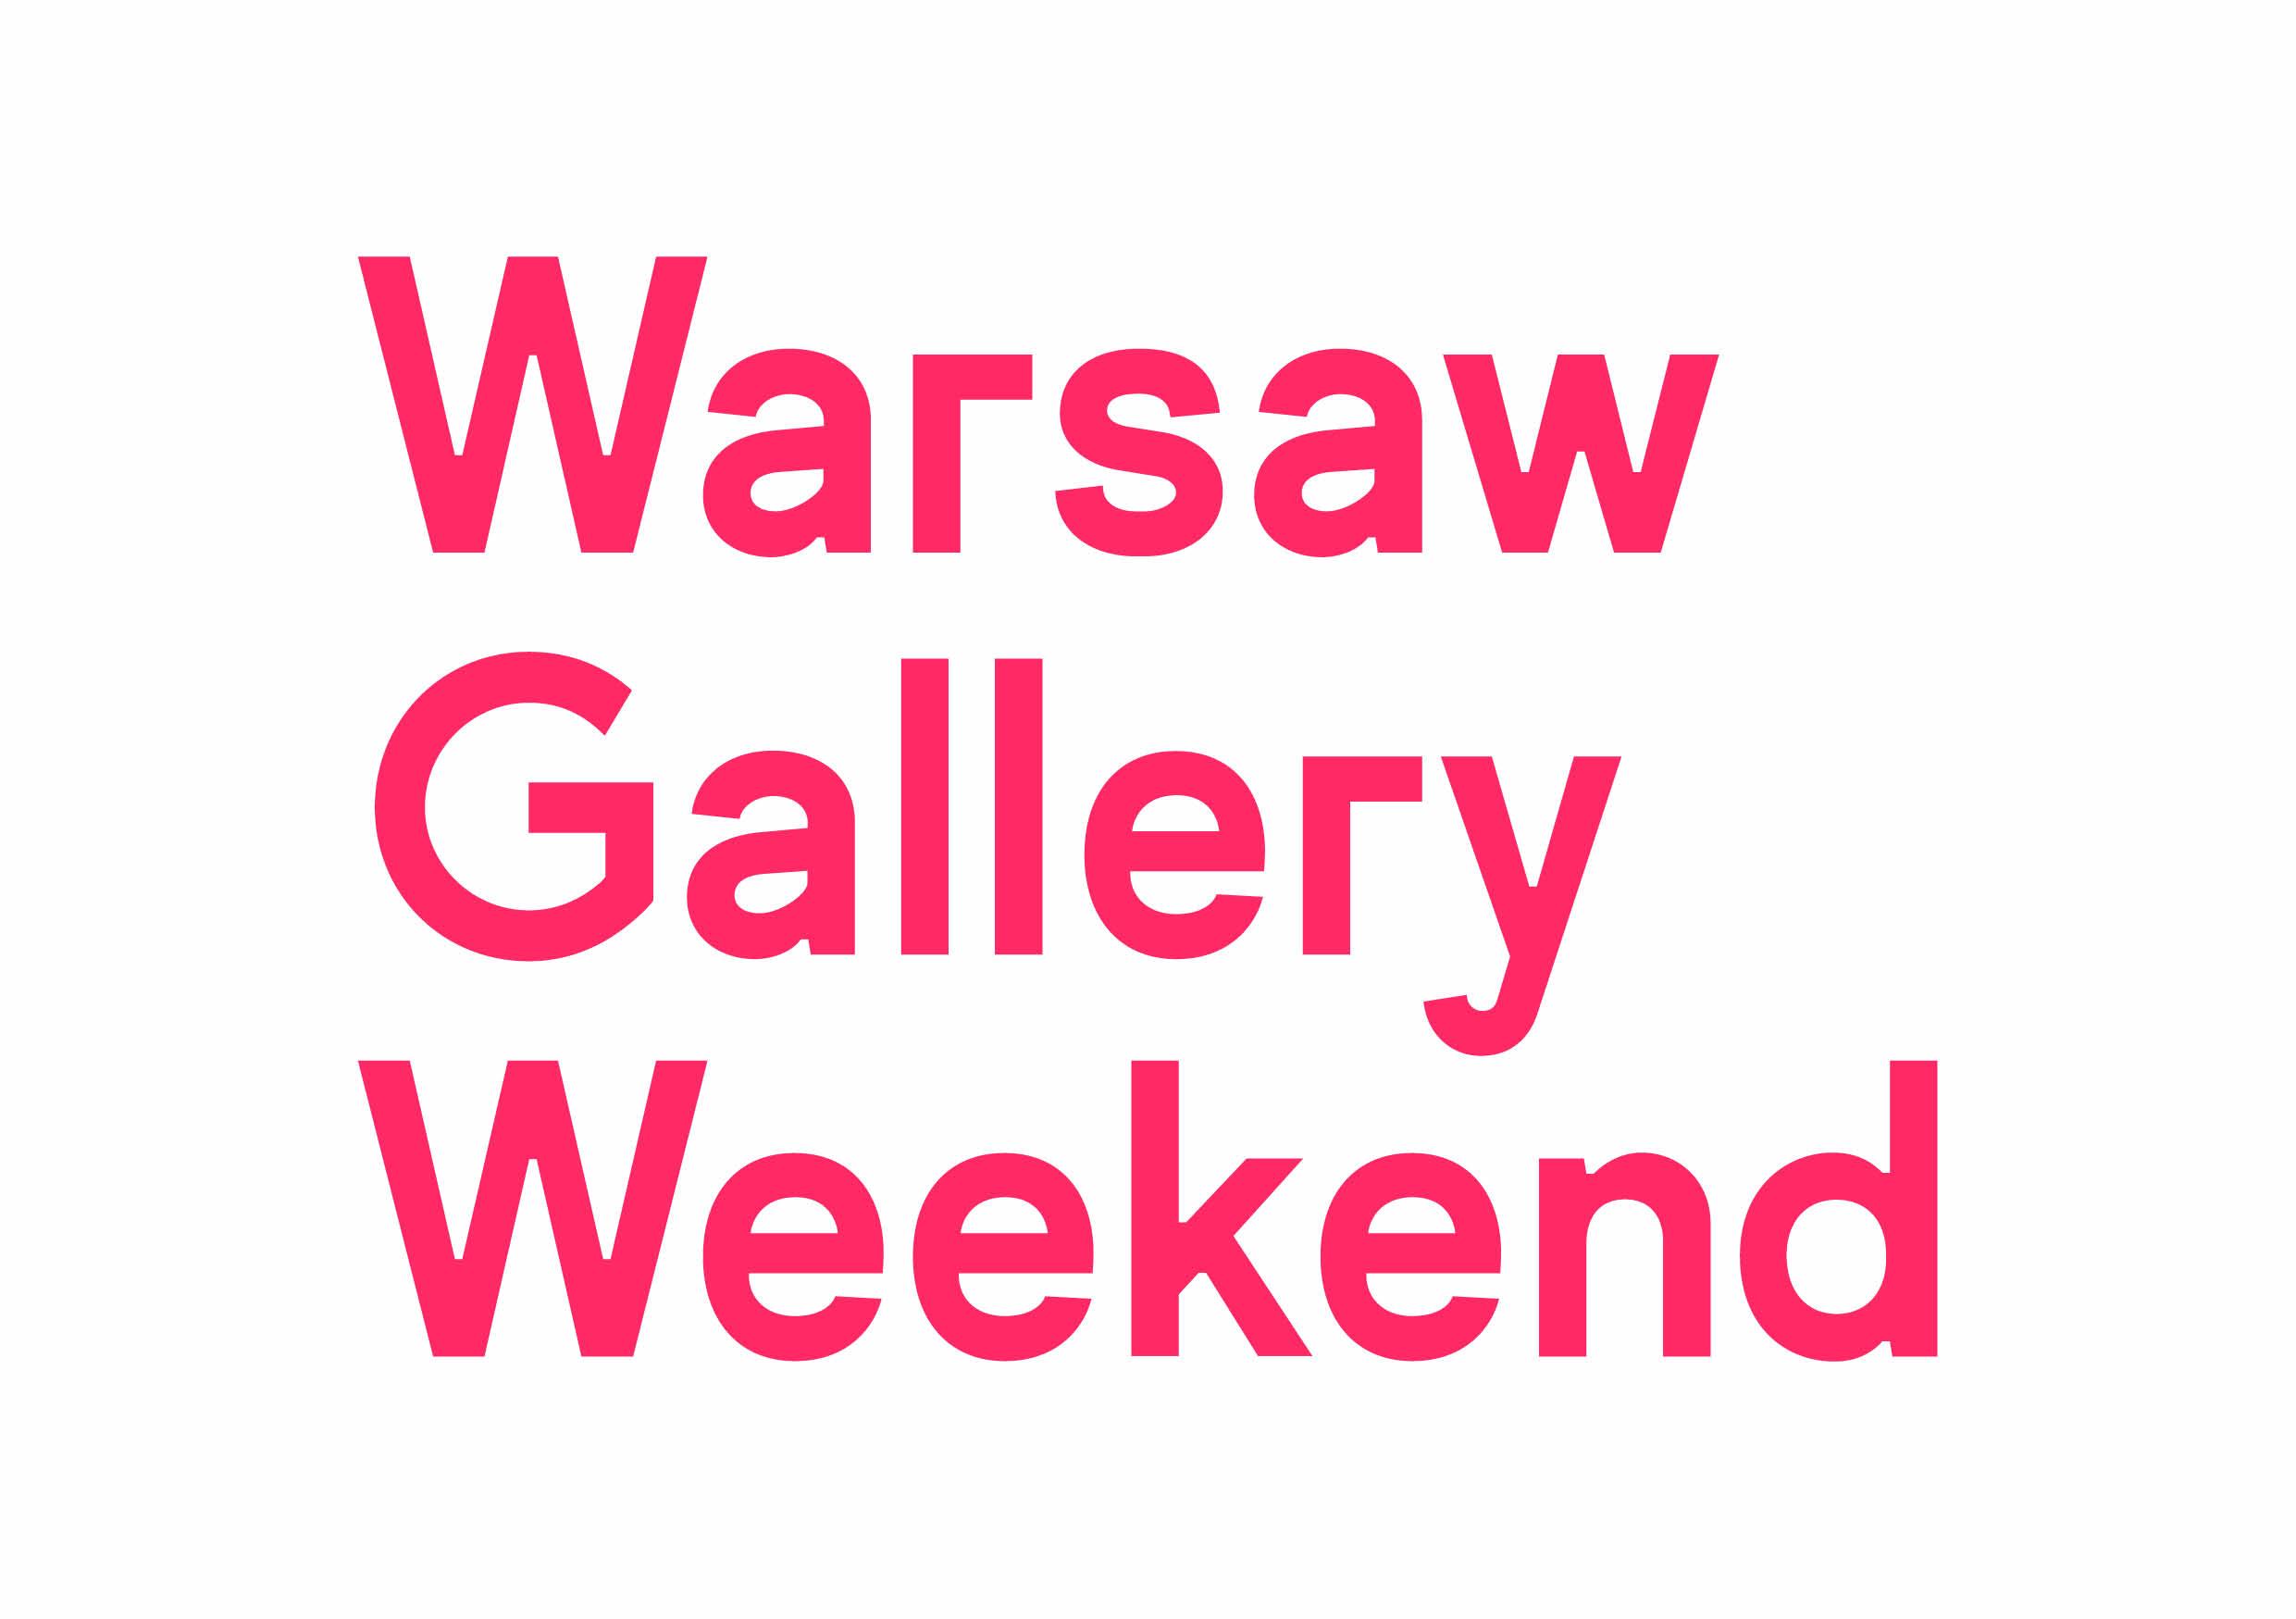 Warsaw Gallery Weekend (źródło: materiały prasowe organizatora)